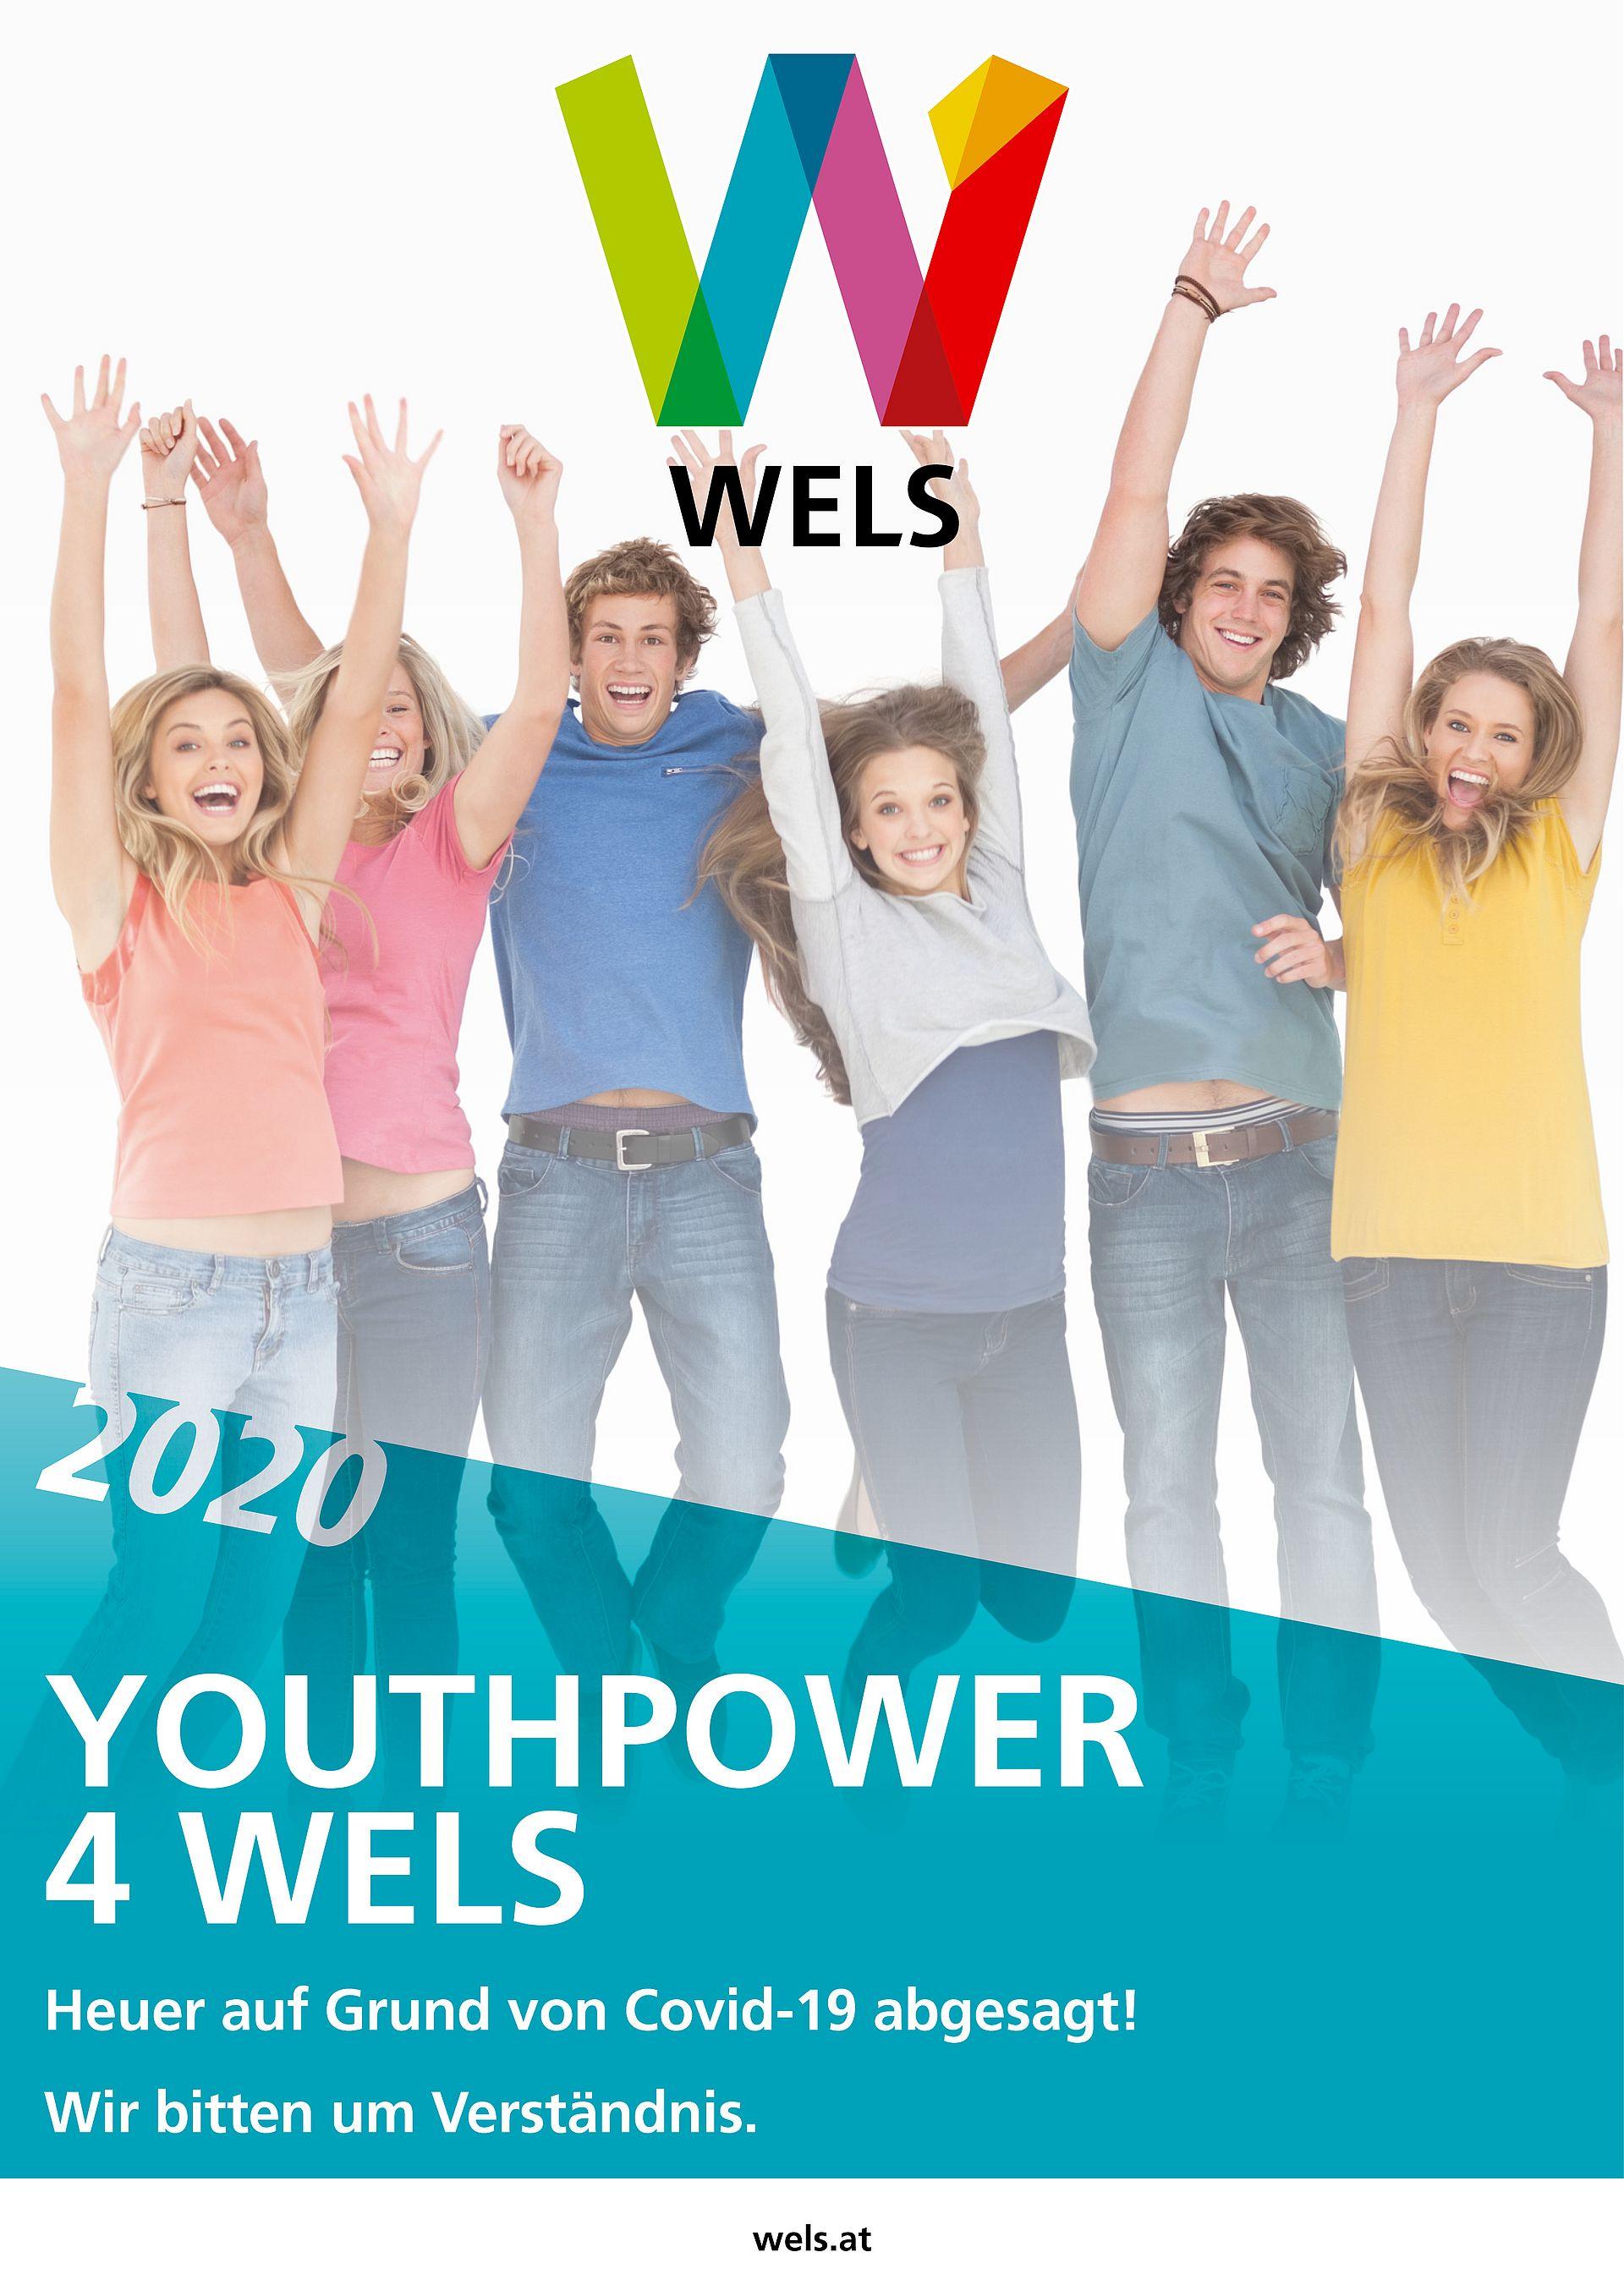 Absage von Youthpower 4 Wels 2020 - Jugendliche springen in die Höhe